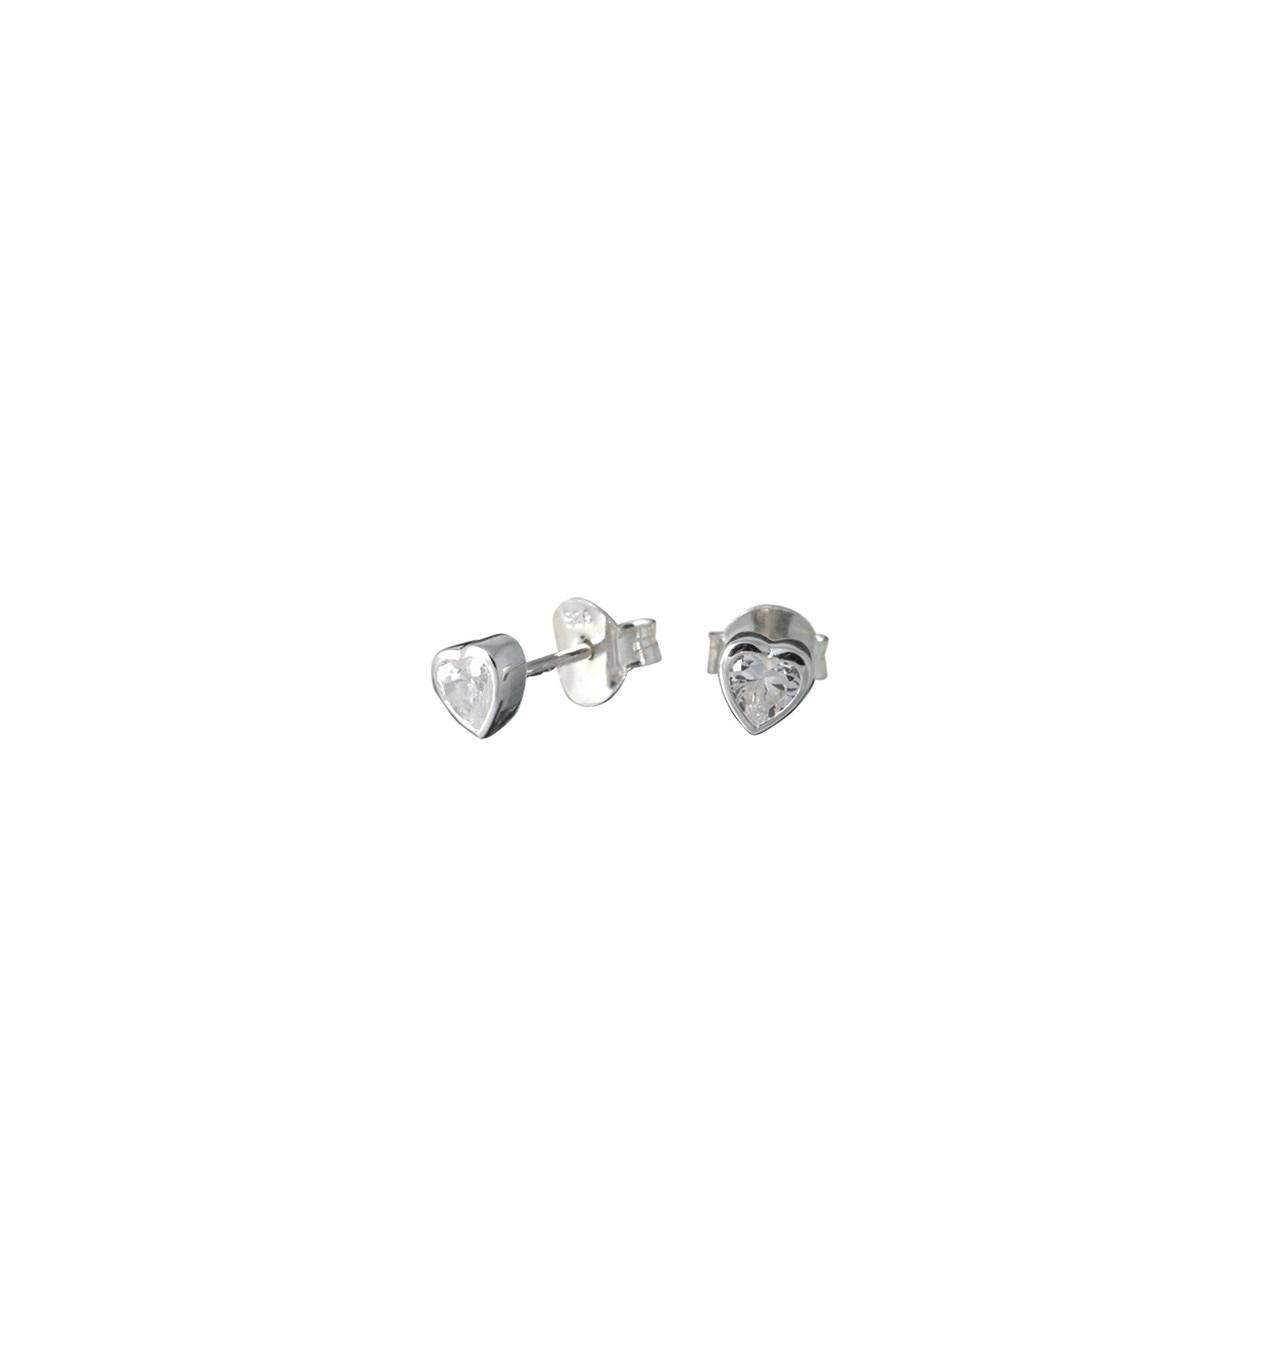 canyon-boucles d'oreilles-puces-argent-bijoux totem